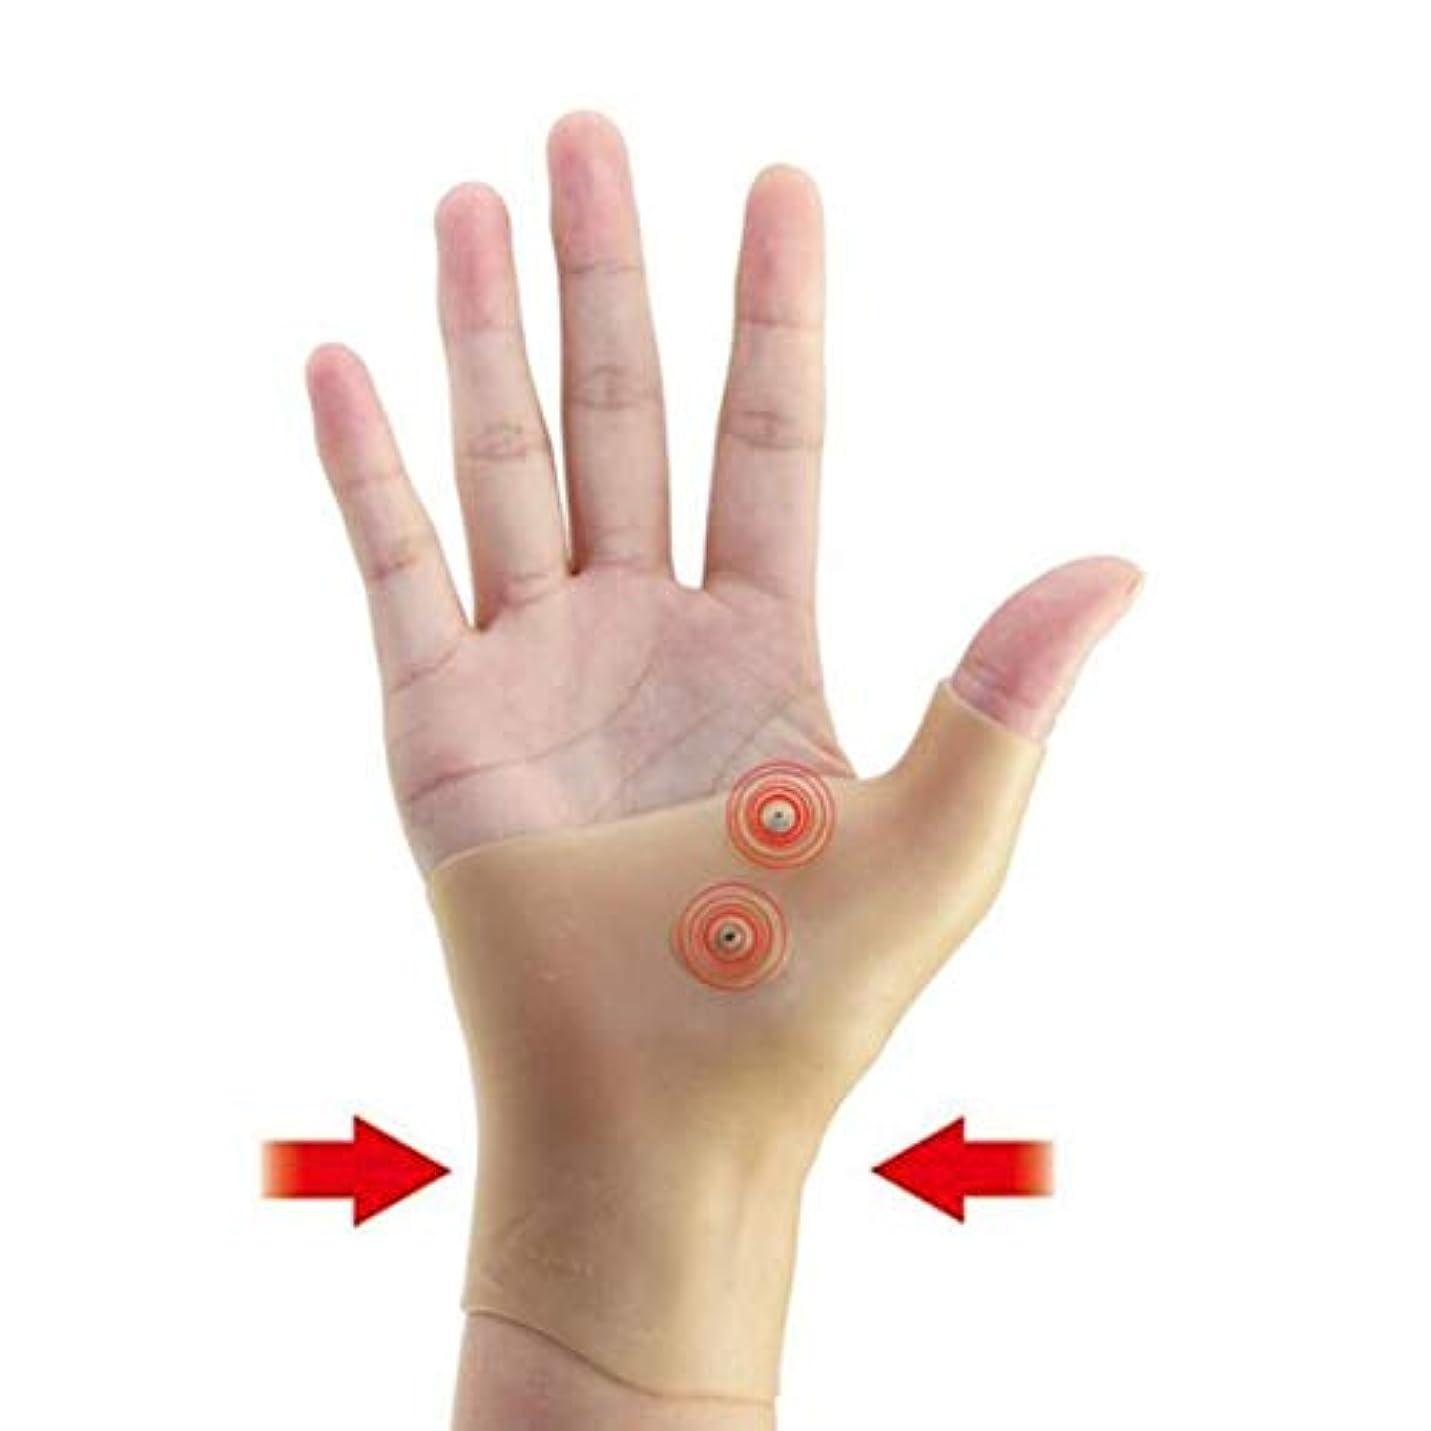 慈悲深いハウジング止まる磁気療法手首手親指サポート手袋シリコーンゲル関節炎圧力矯正器マッサージ痛み緩和手袋 - 肌の色